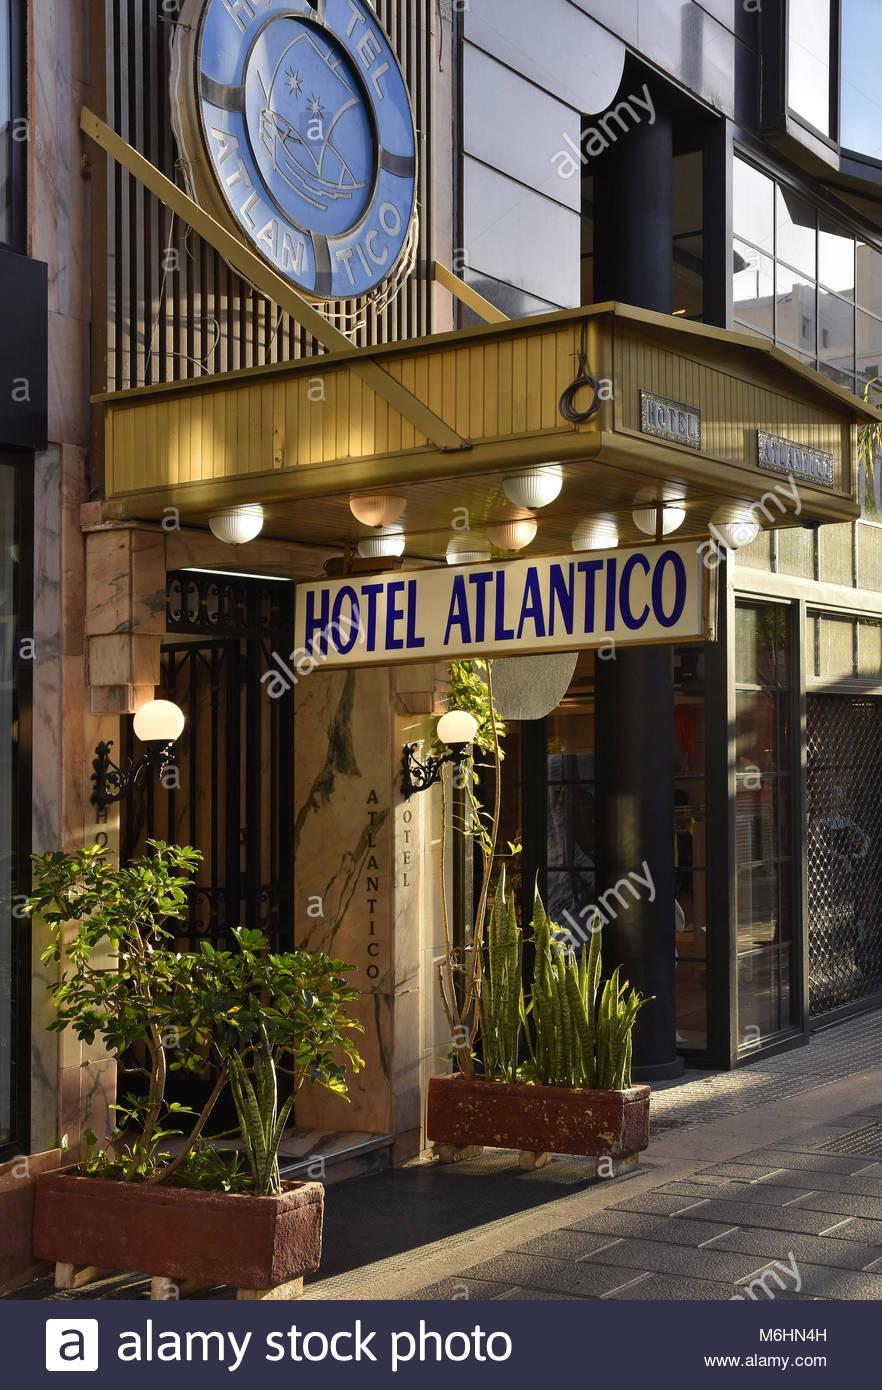 Hotel Atlantico Eingang Eingang Schild Santa Cruz De Tenerife Kanarische Inseln Spanien Stockbild